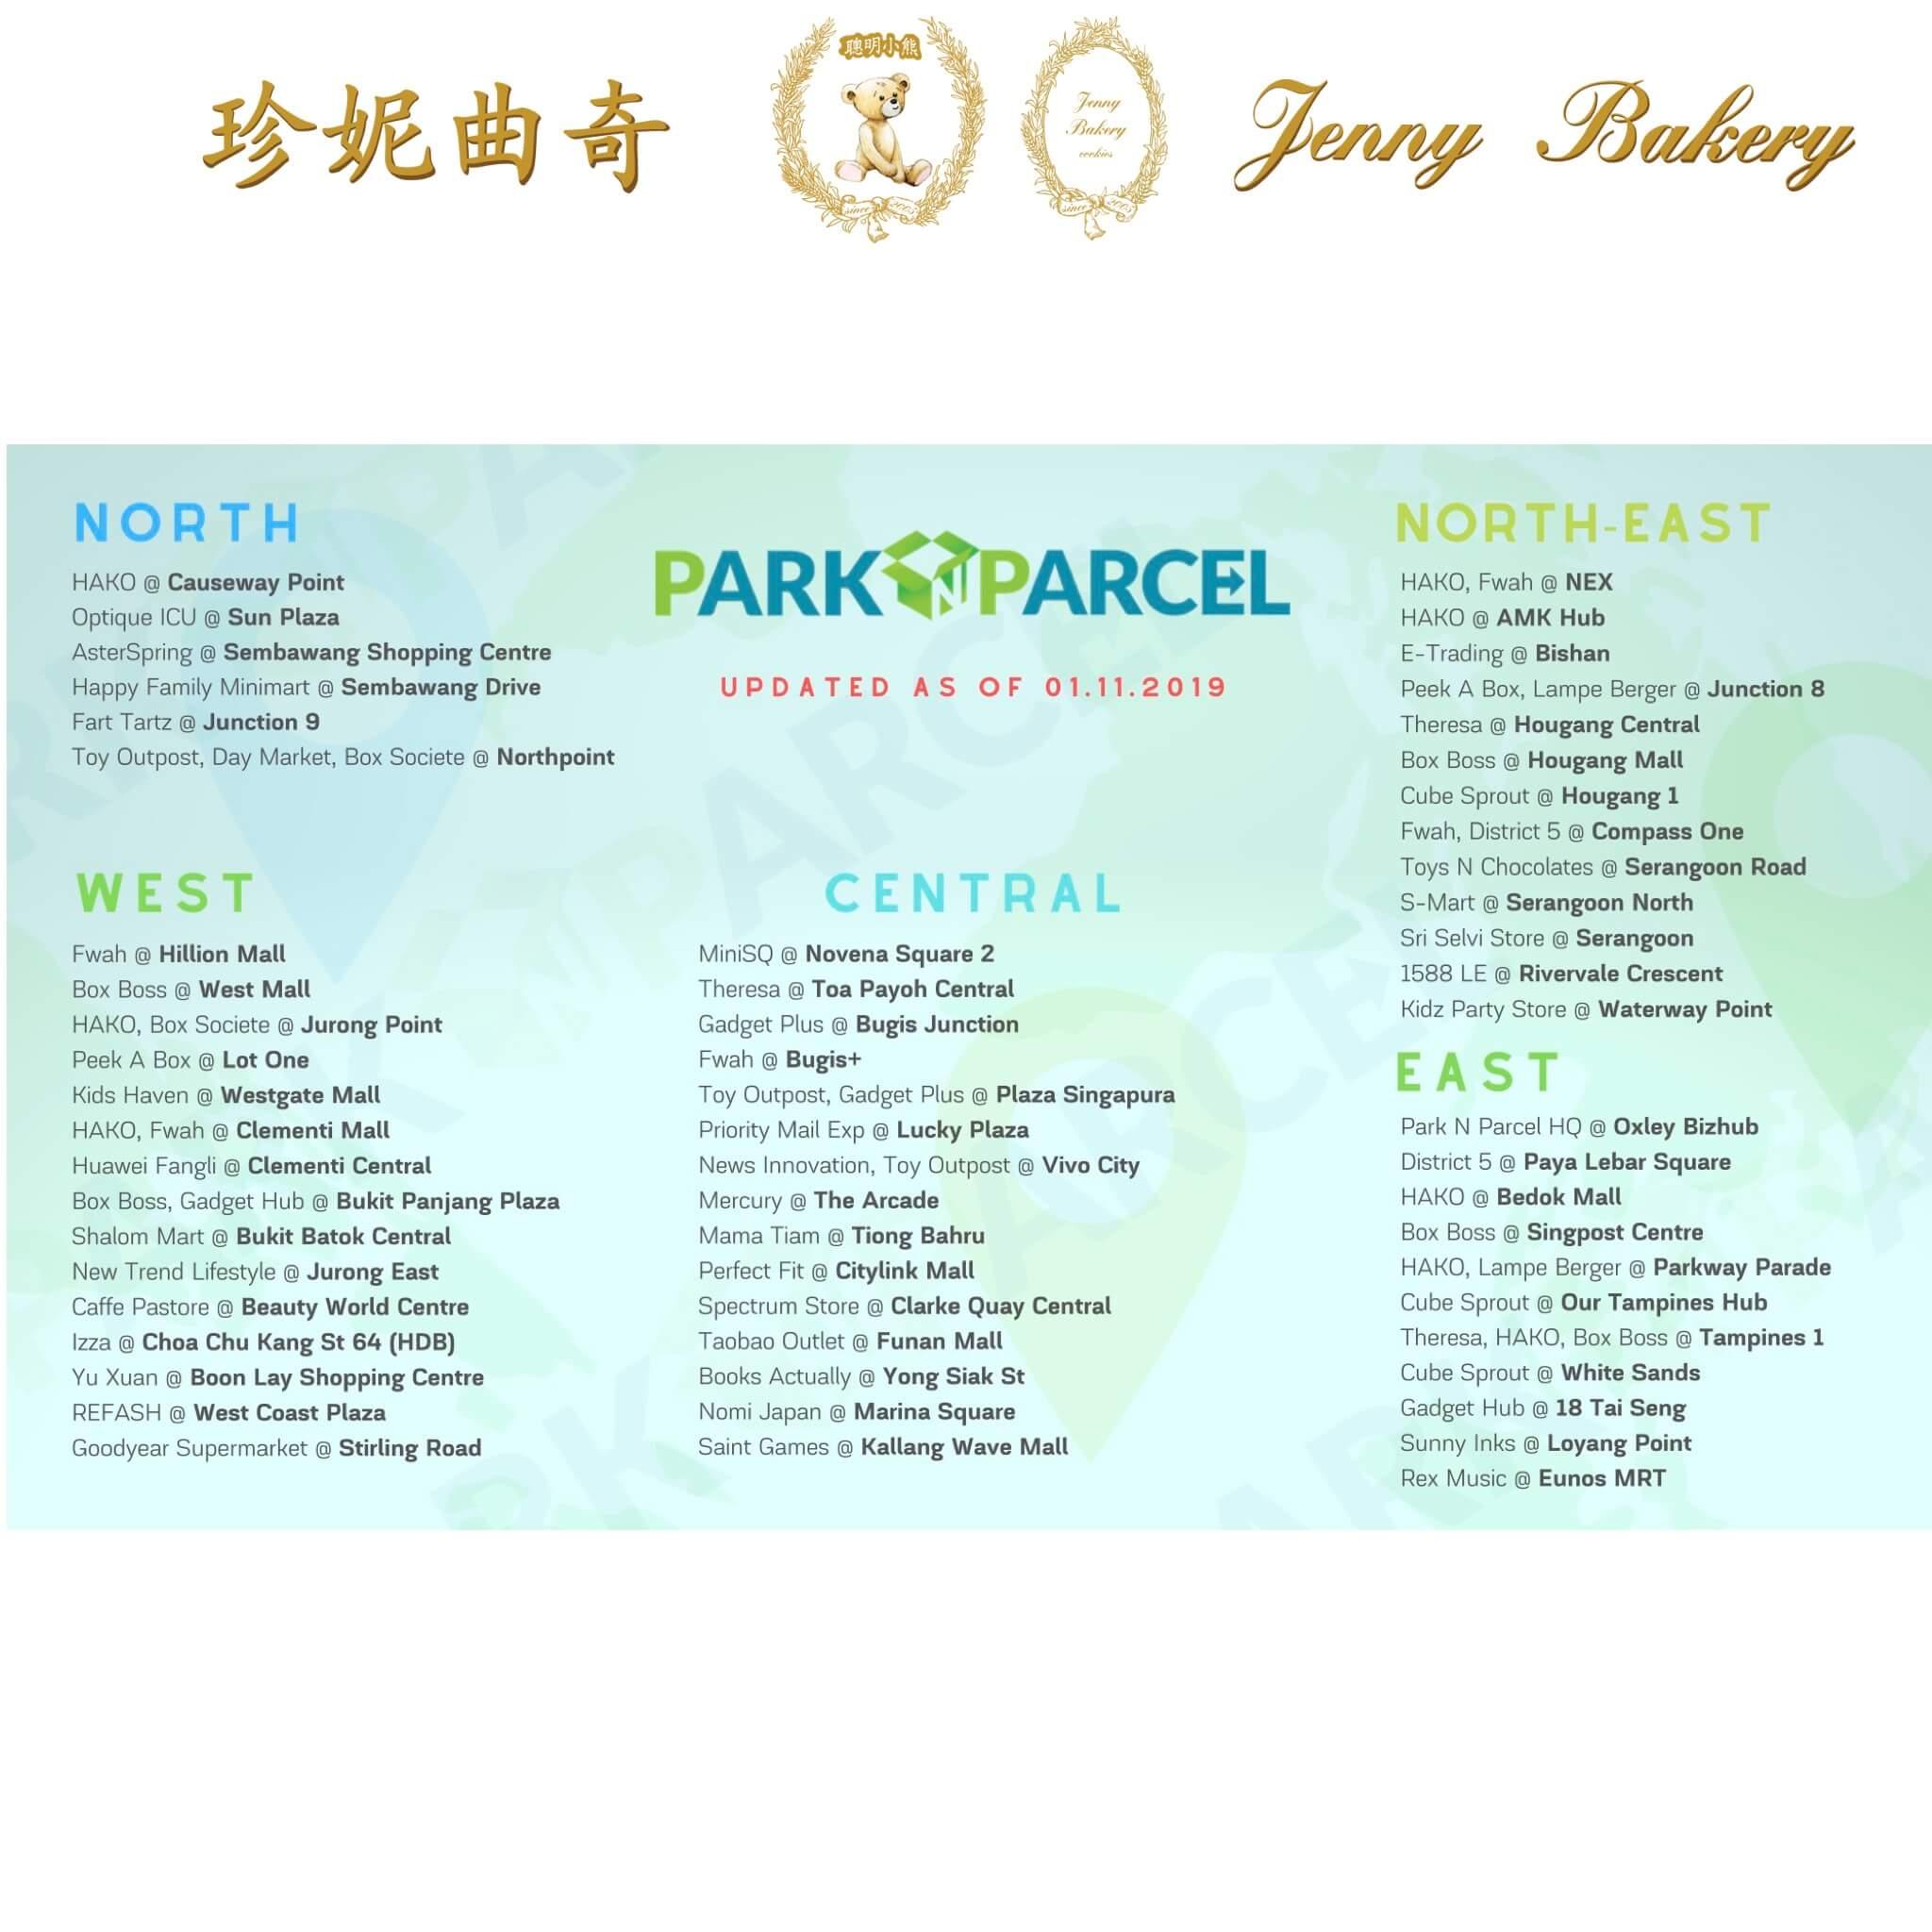 Jenny Bakery Singapore | ParknParcel $3 Service